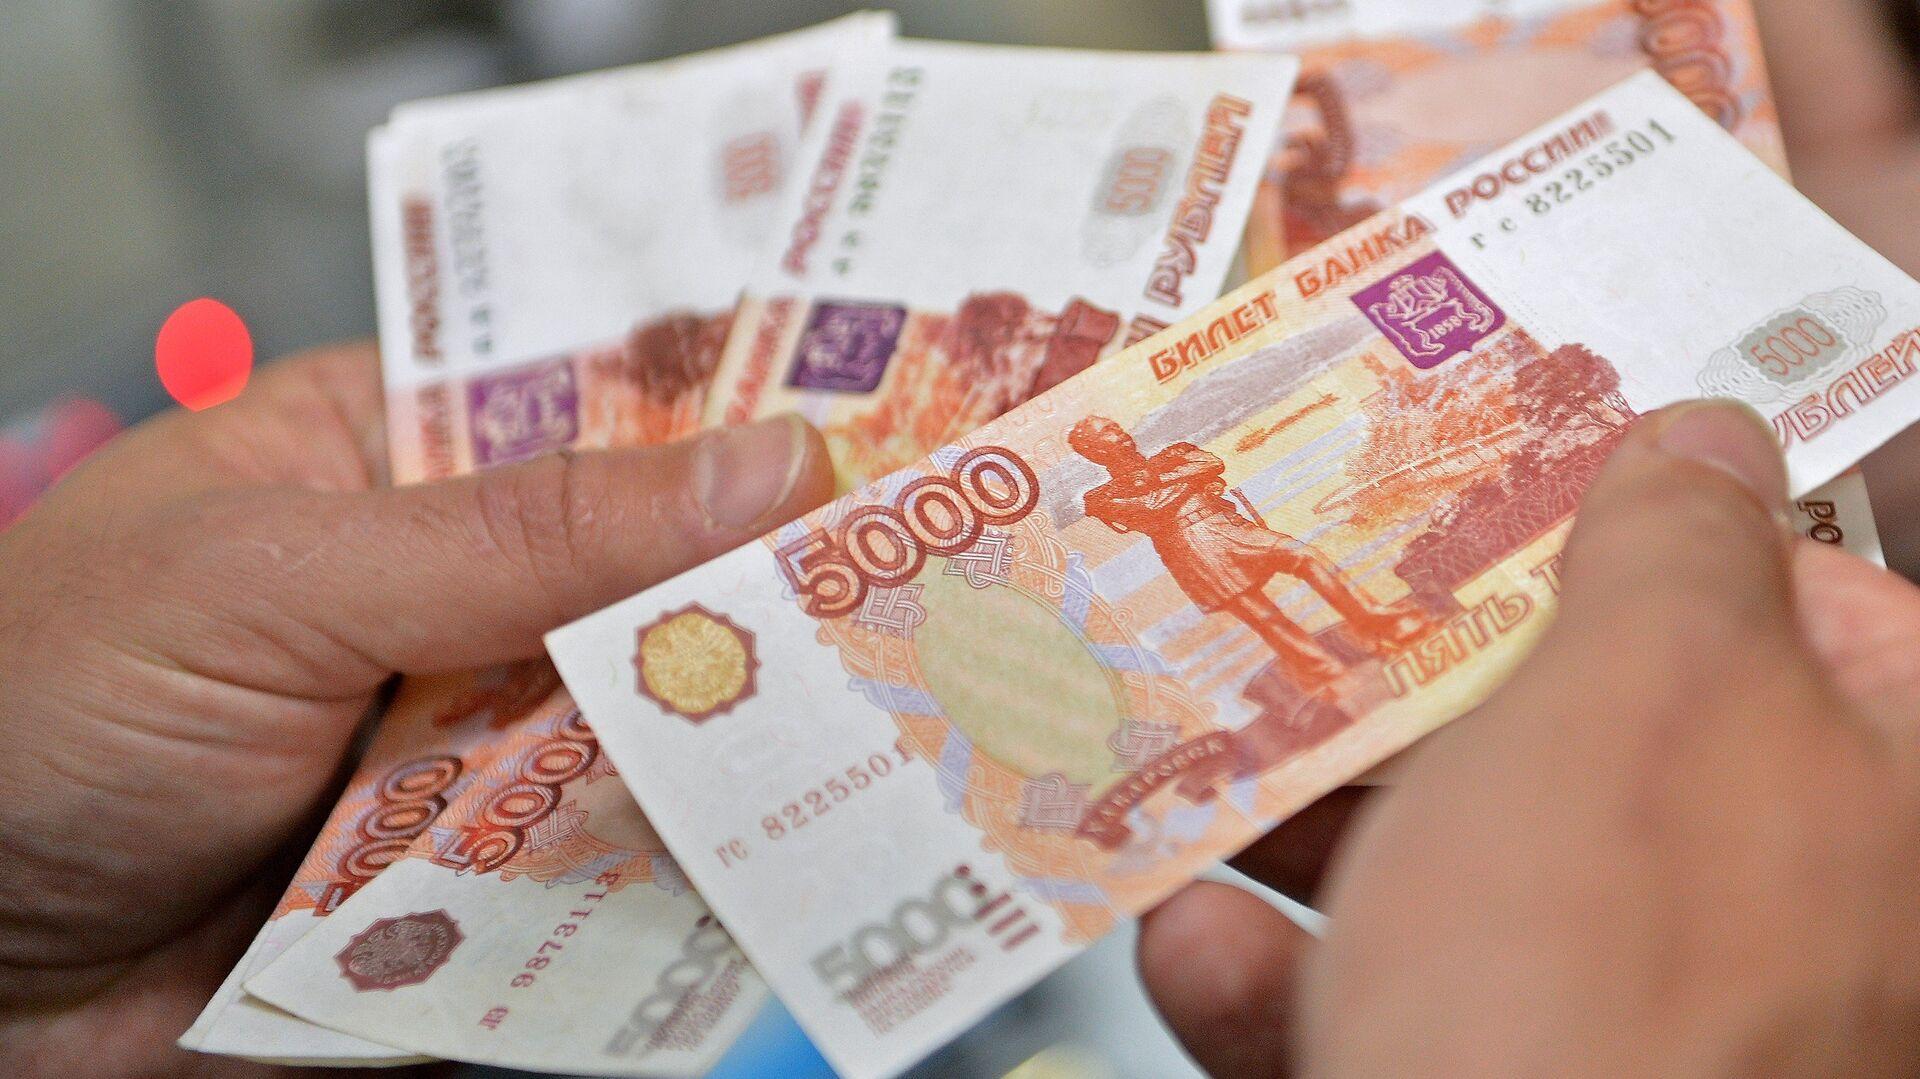 Российские банкноты - Sputnik Беларусь, 1920, 05.10.2021